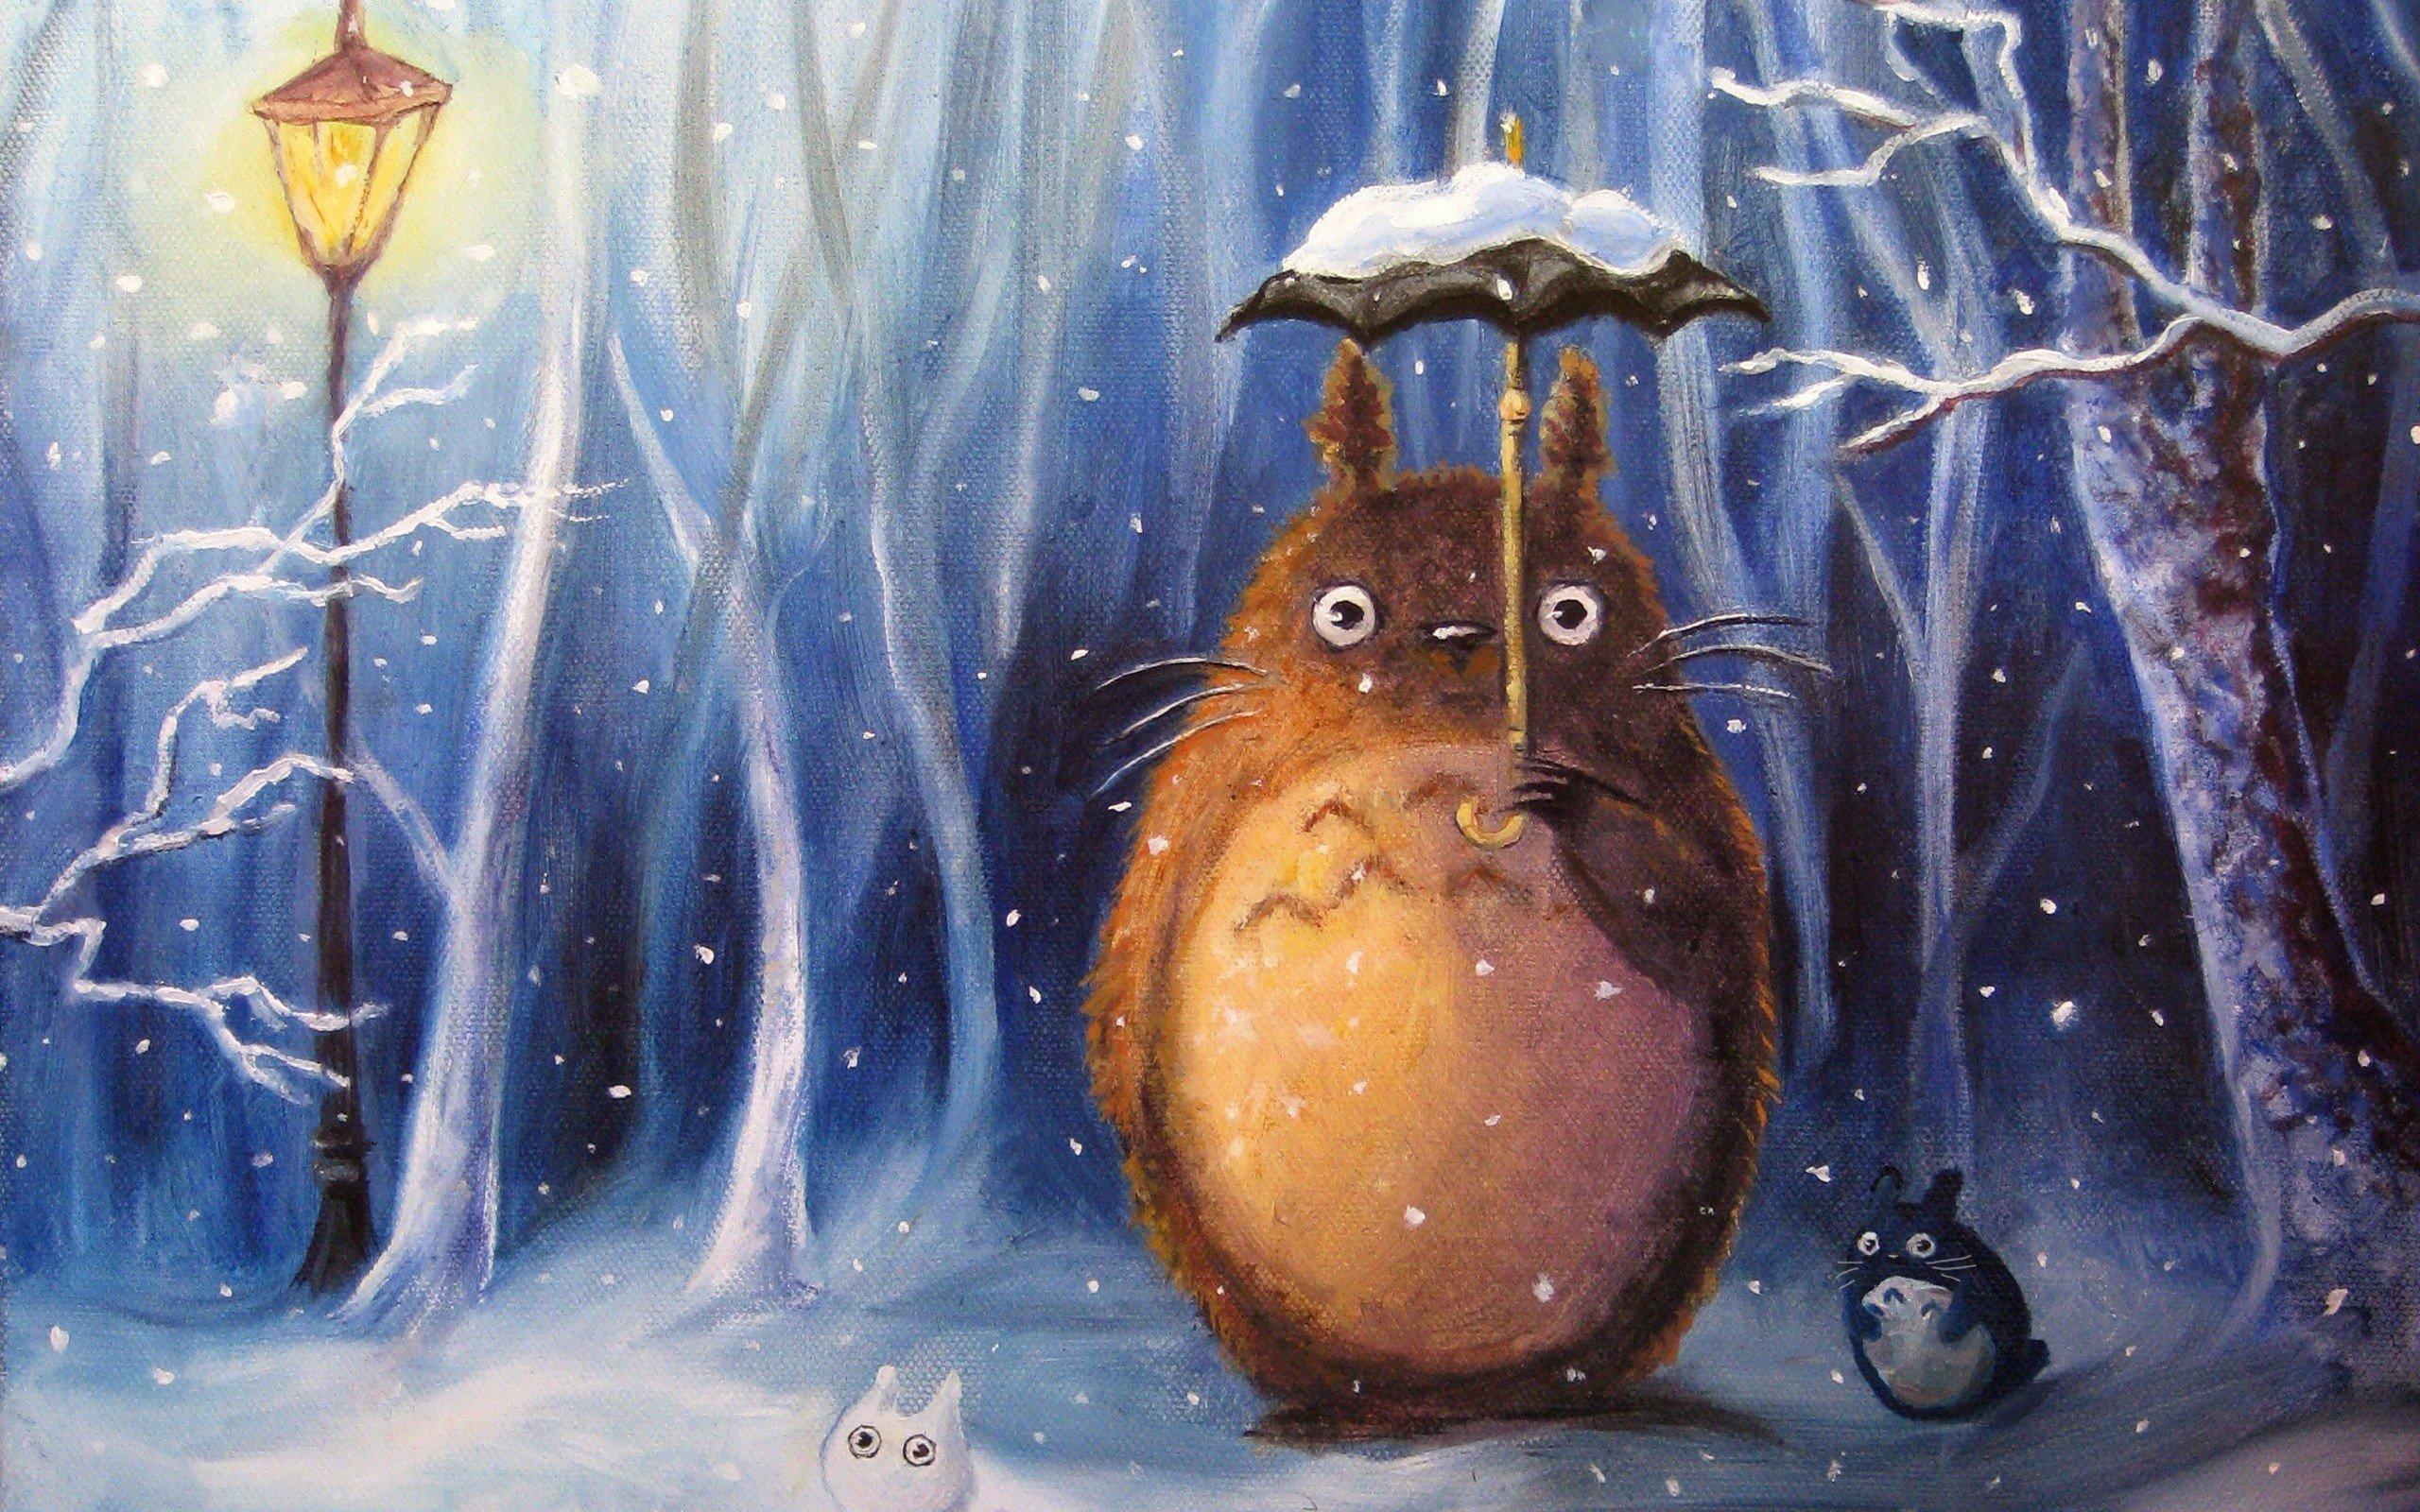 Fonds d'écran Dessins Animés Mon Voisin Totoro Mon Voisin Totoro